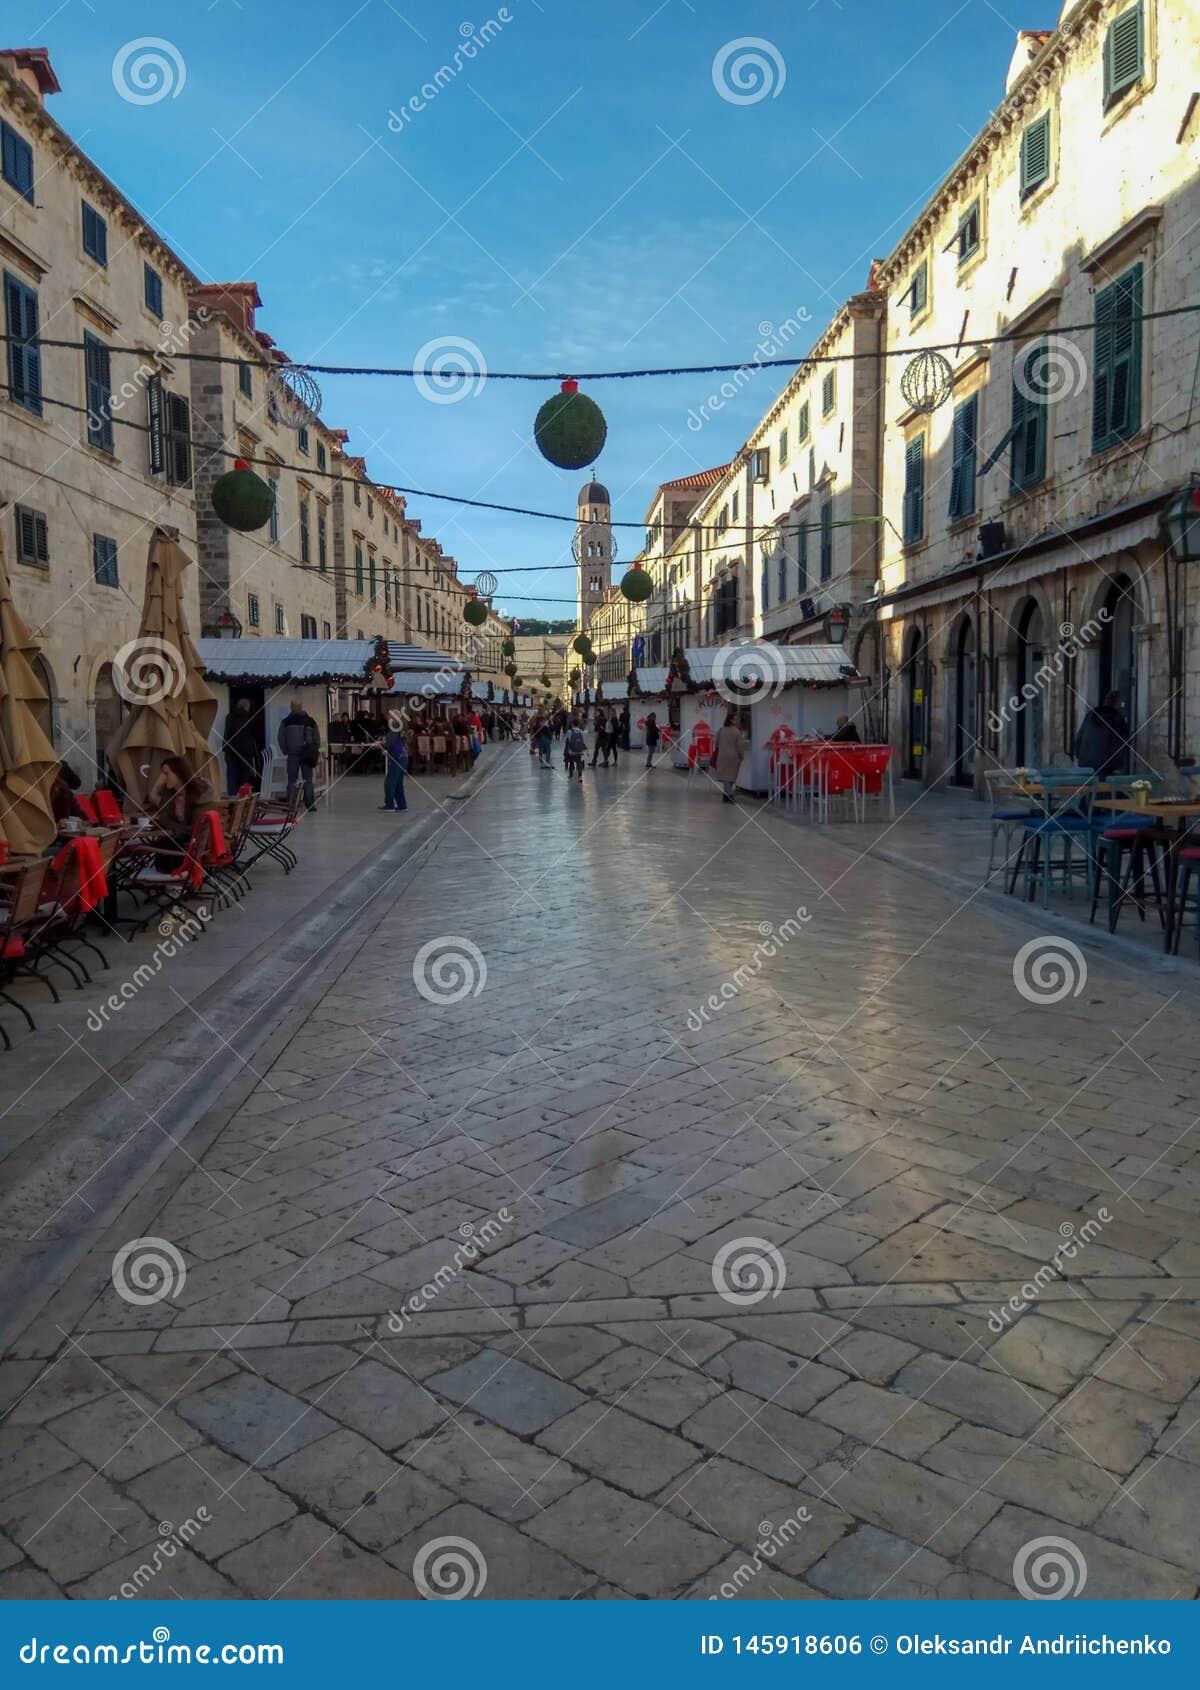 Décoration de rue dans la vieille ville de Dubrovnik, Croatie Architecture antique stup?fiante, cath?drale, place